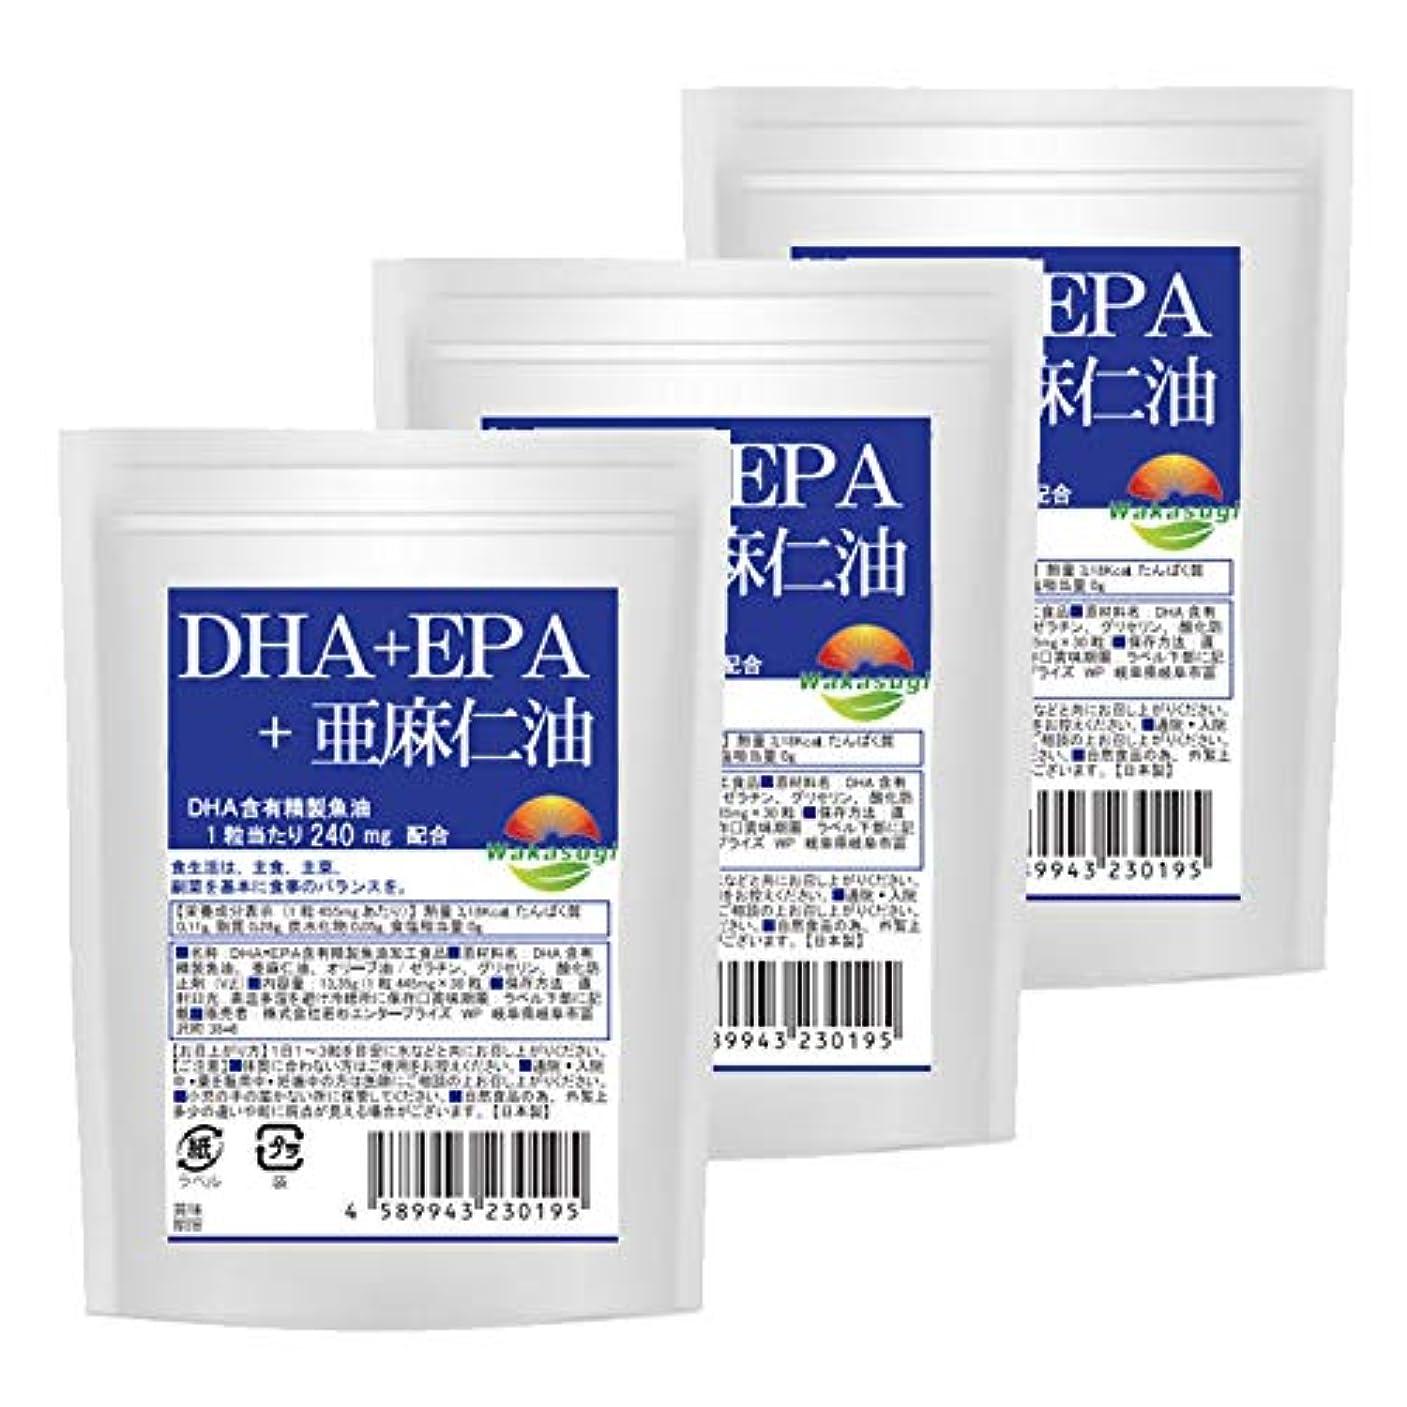 み閉じ込める抵抗力があるDHA+EPA+亜麻仁油 30粒 3袋 セット 計90粒 最大3か月分 ソフトカプセルタイプ